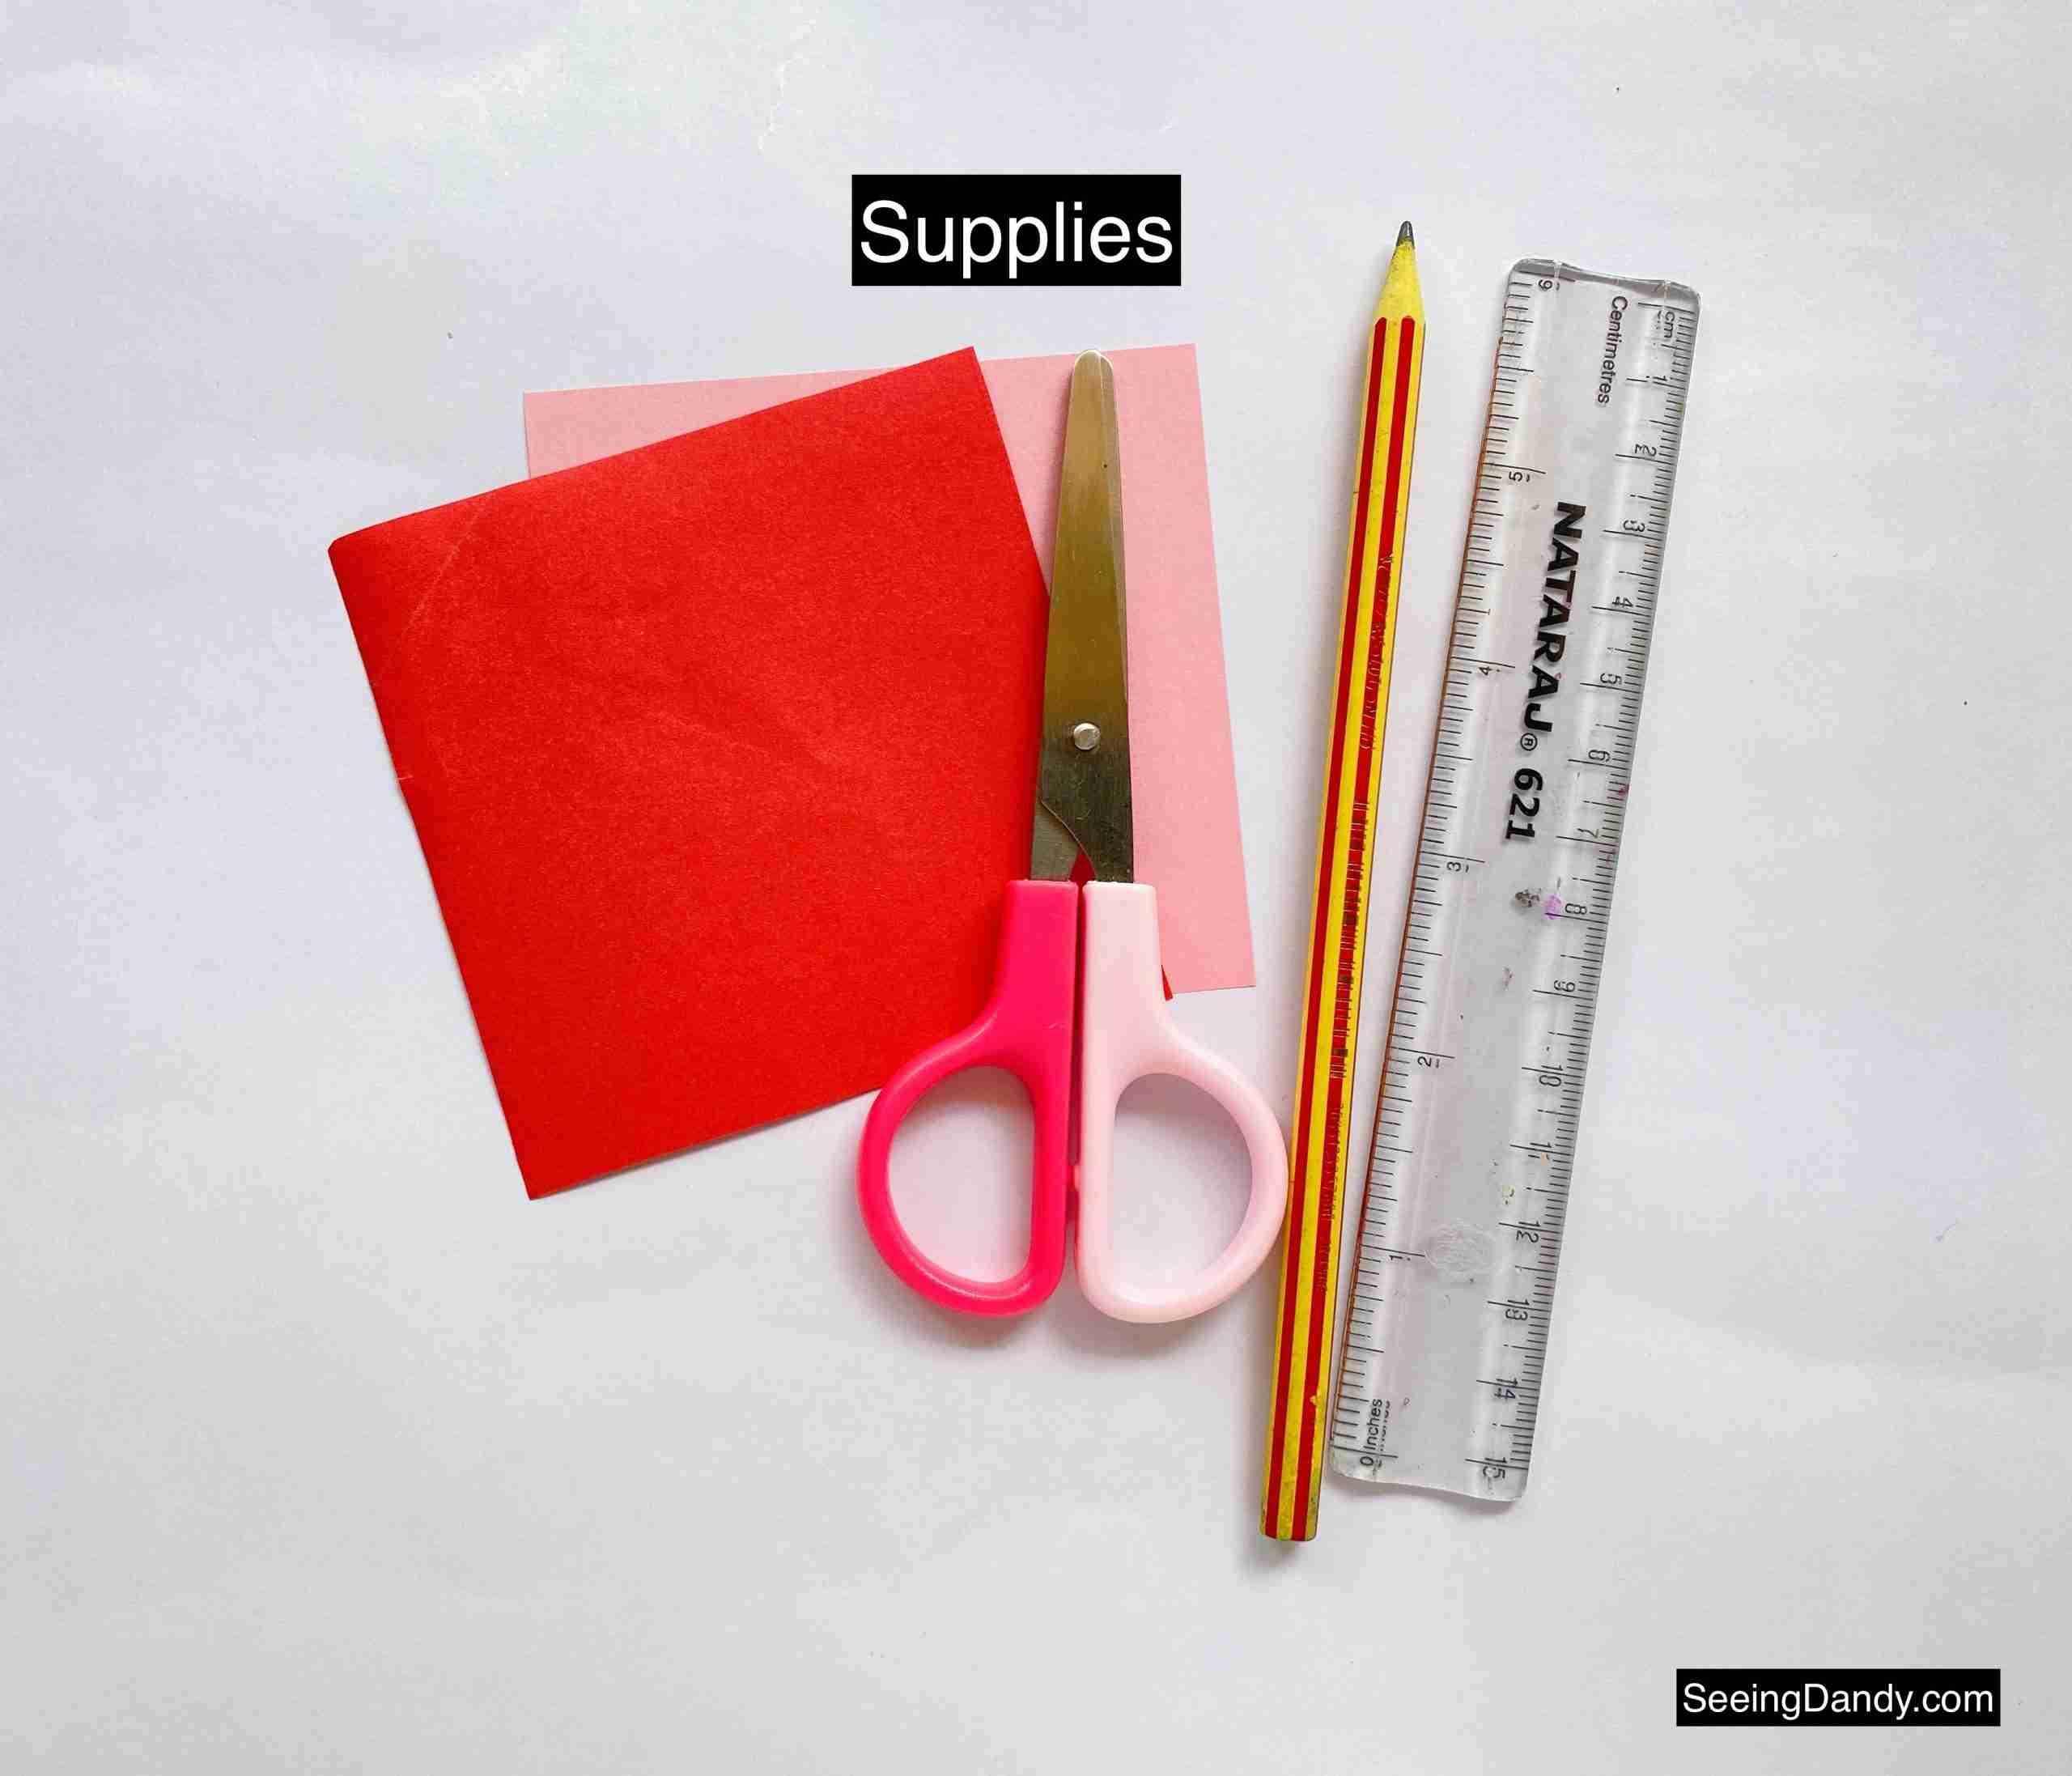 origami paper, scissors, craft supplies, stripe pencil, clear ruler